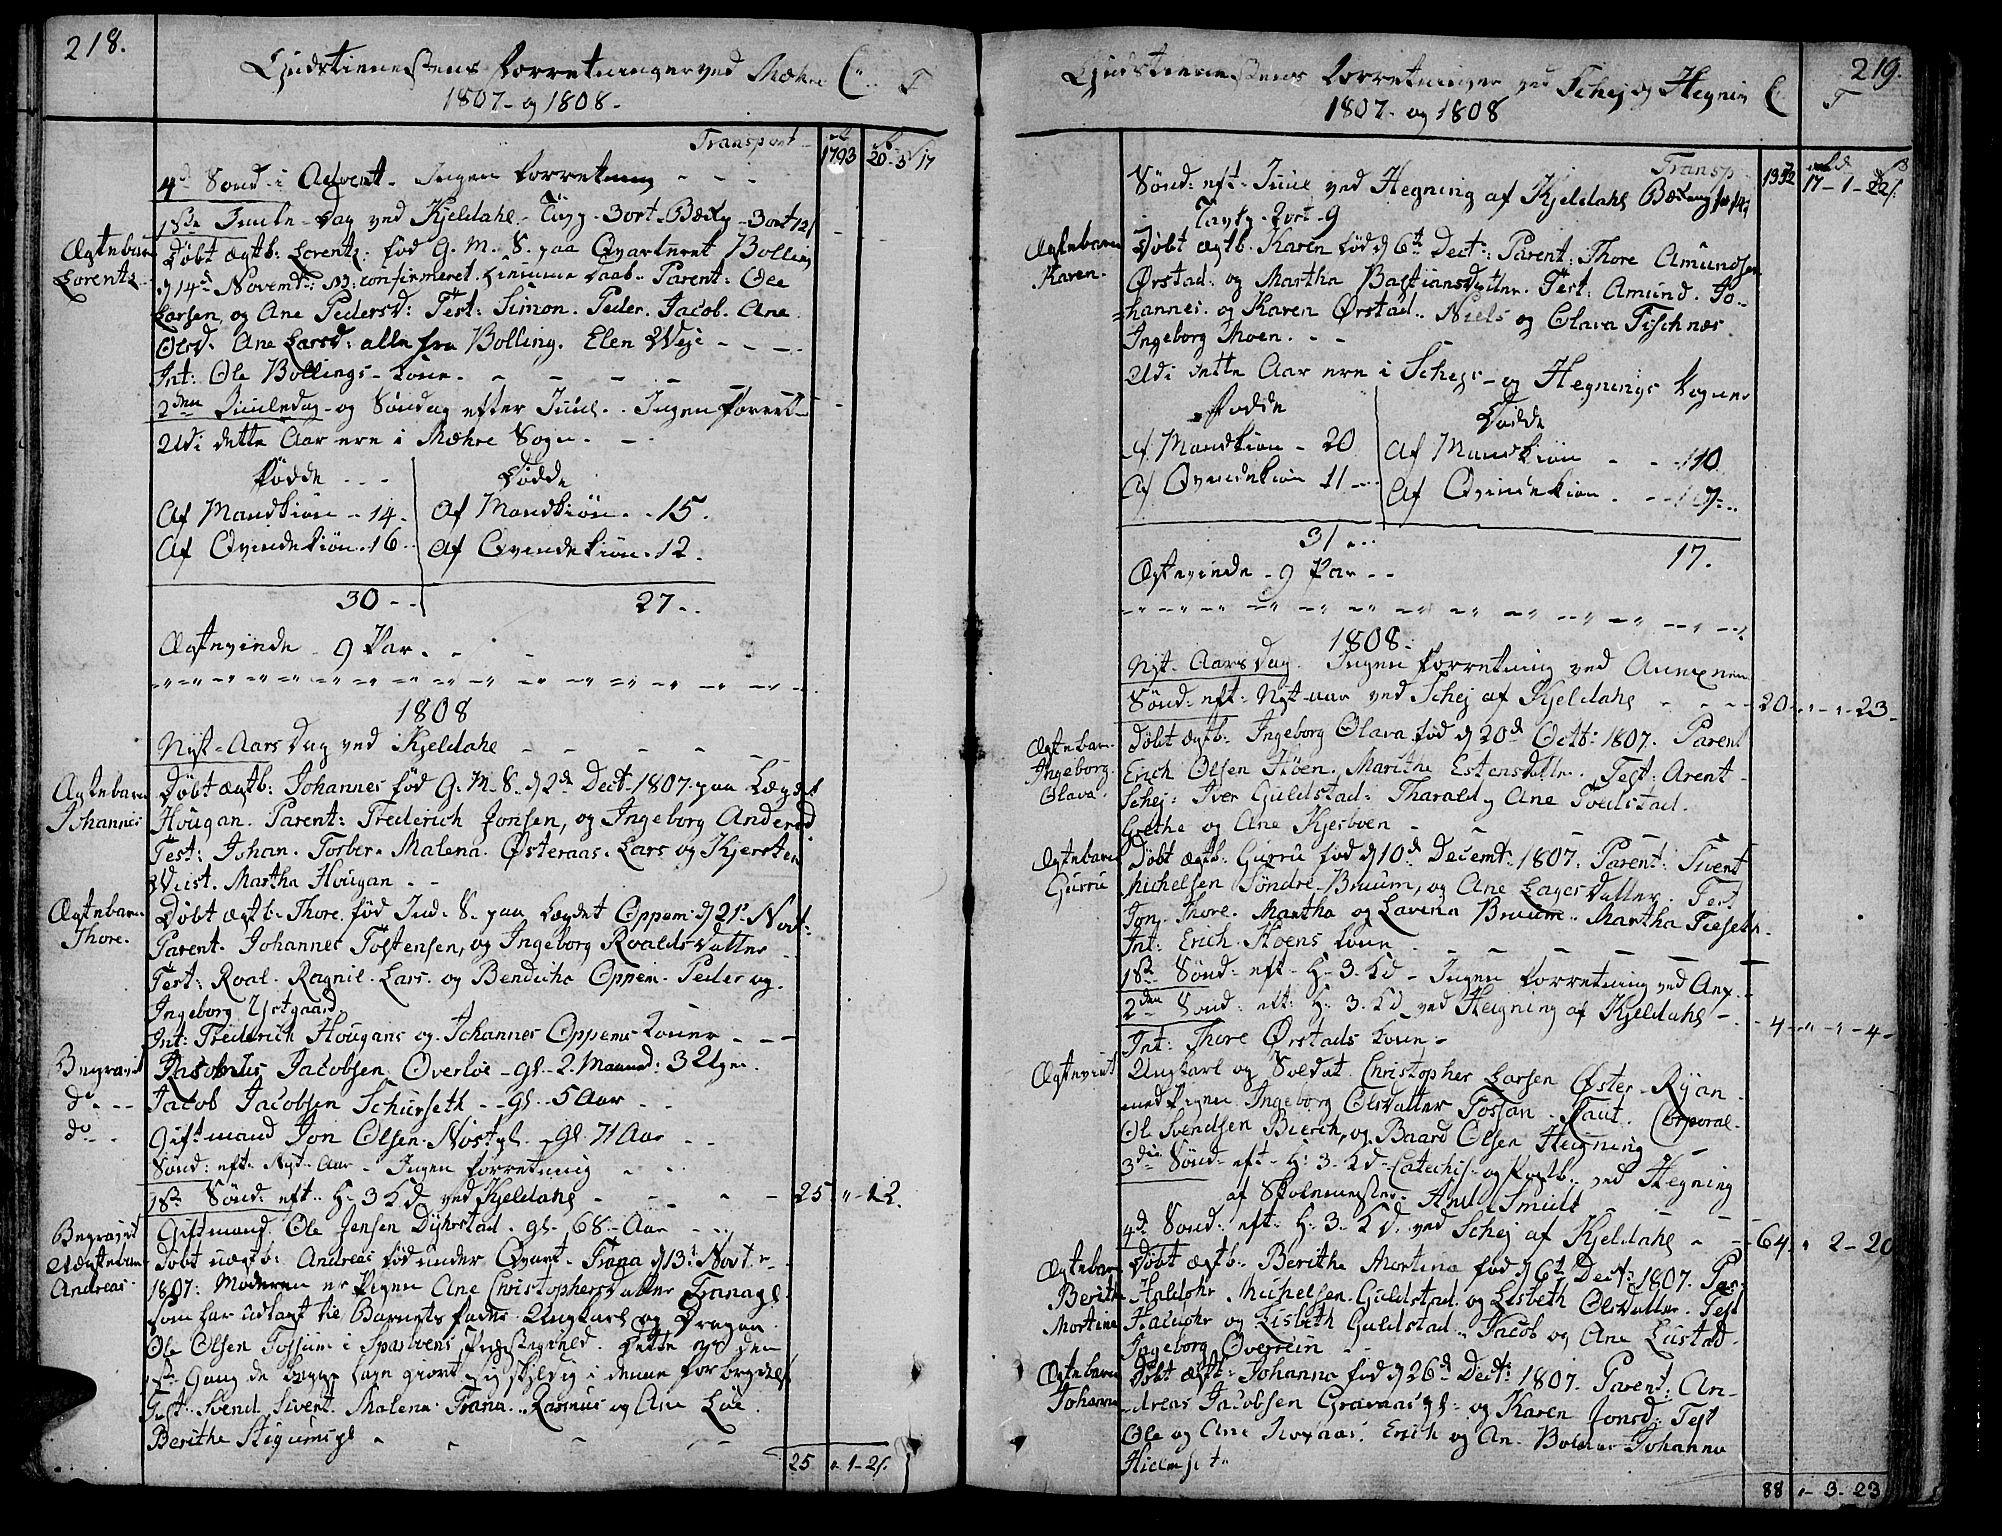 SAT, Ministerialprotokoller, klokkerbøker og fødselsregistre - Nord-Trøndelag, 735/L0332: Ministerialbok nr. 735A03, 1795-1816, s. 218-219